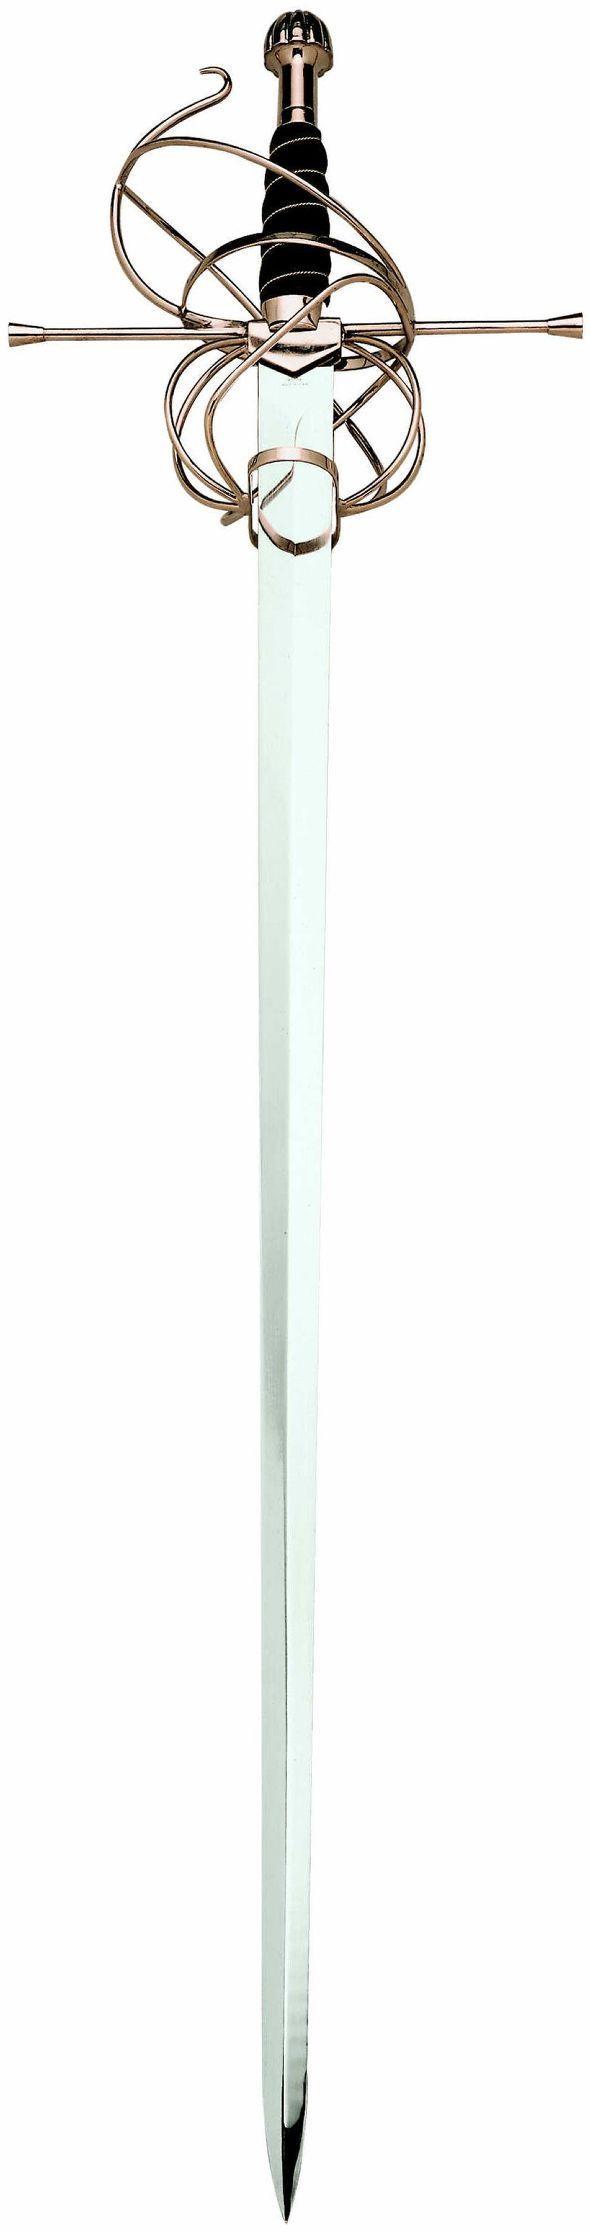 Marto - Espada de lazo                                                                                                                                                                                 Más